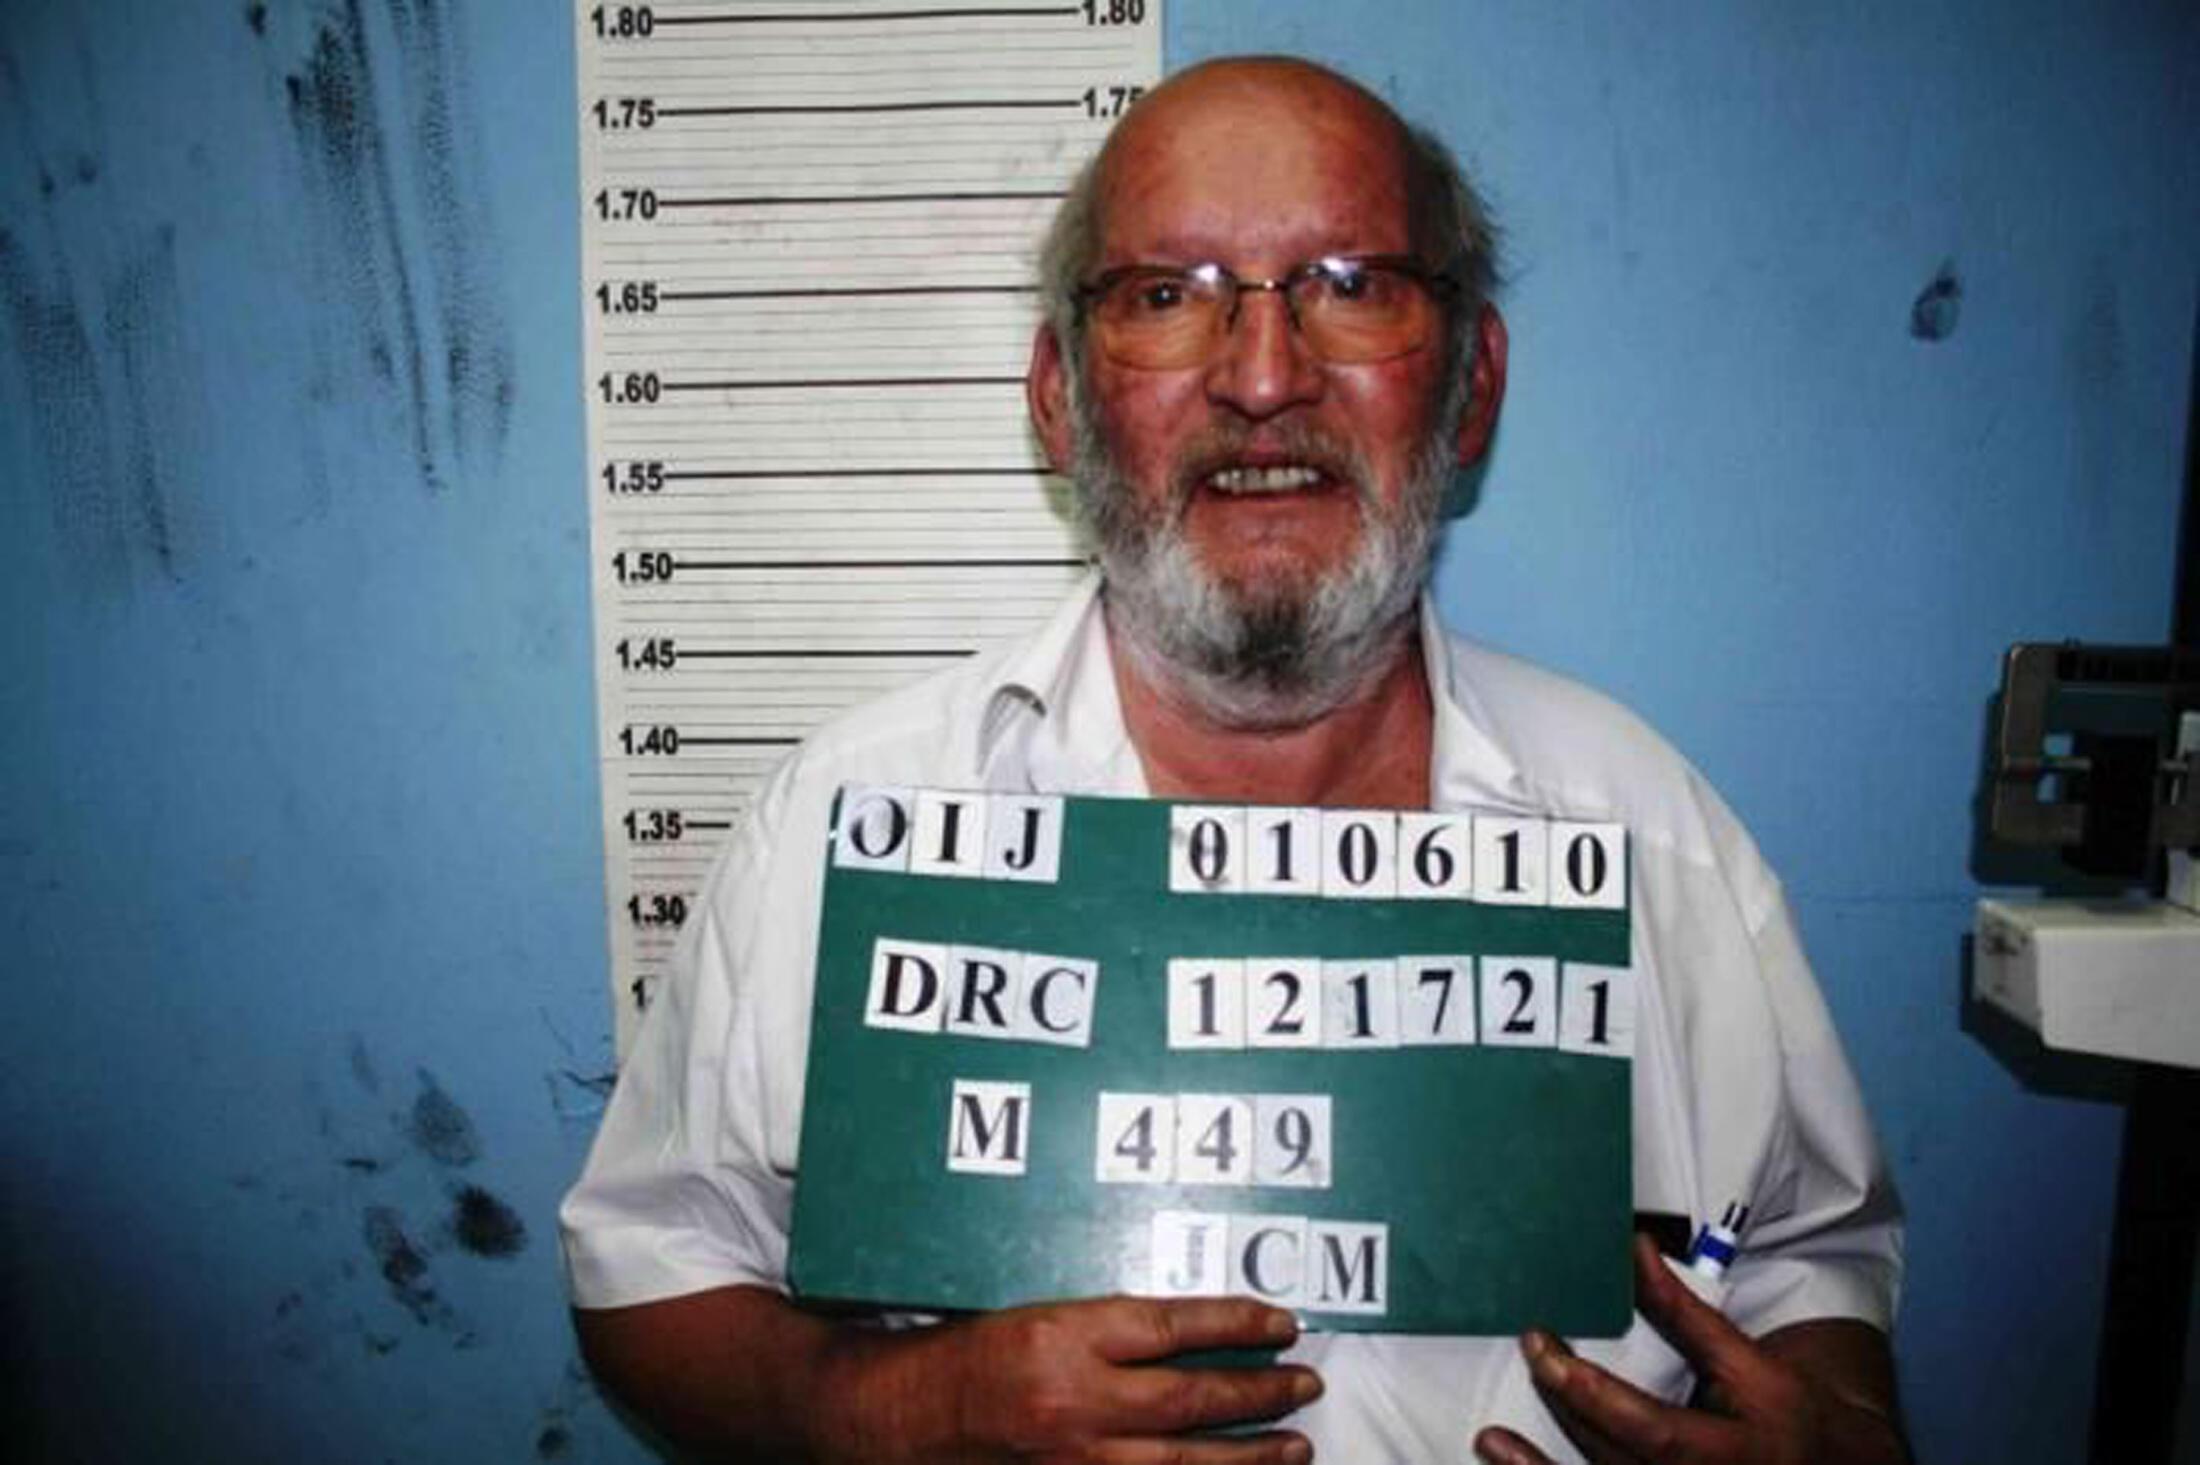 Fundador da PIP teria sido visto dirigindo embriagado, na Costa Rica.